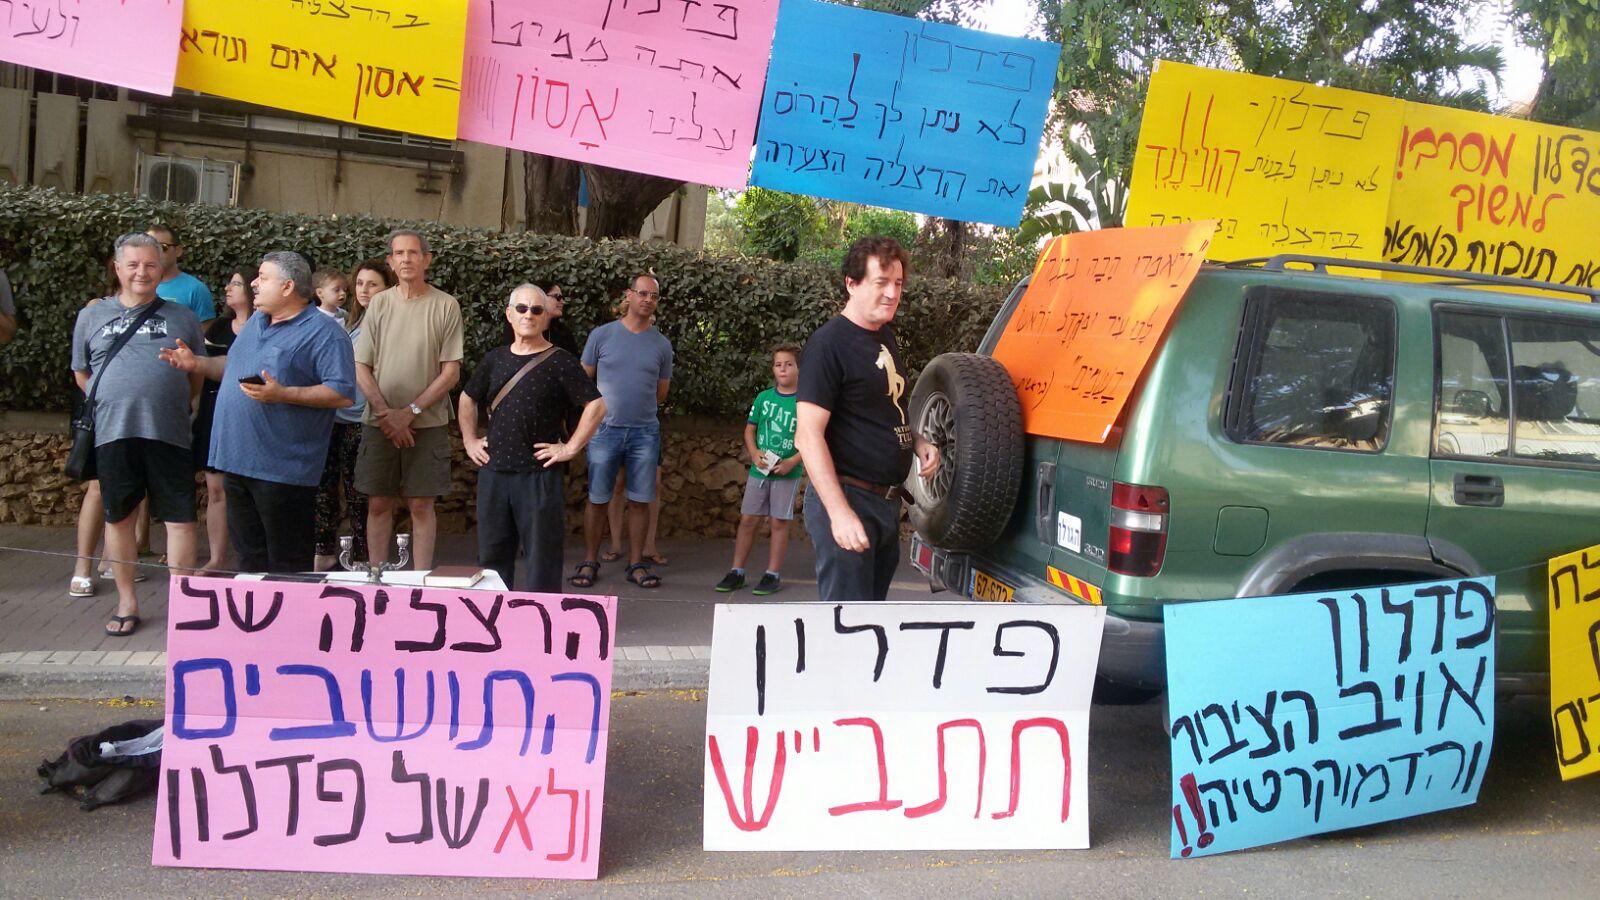 ההפגנה הקודמת נגד תכנית המתאר. צילום ועד הפעולה